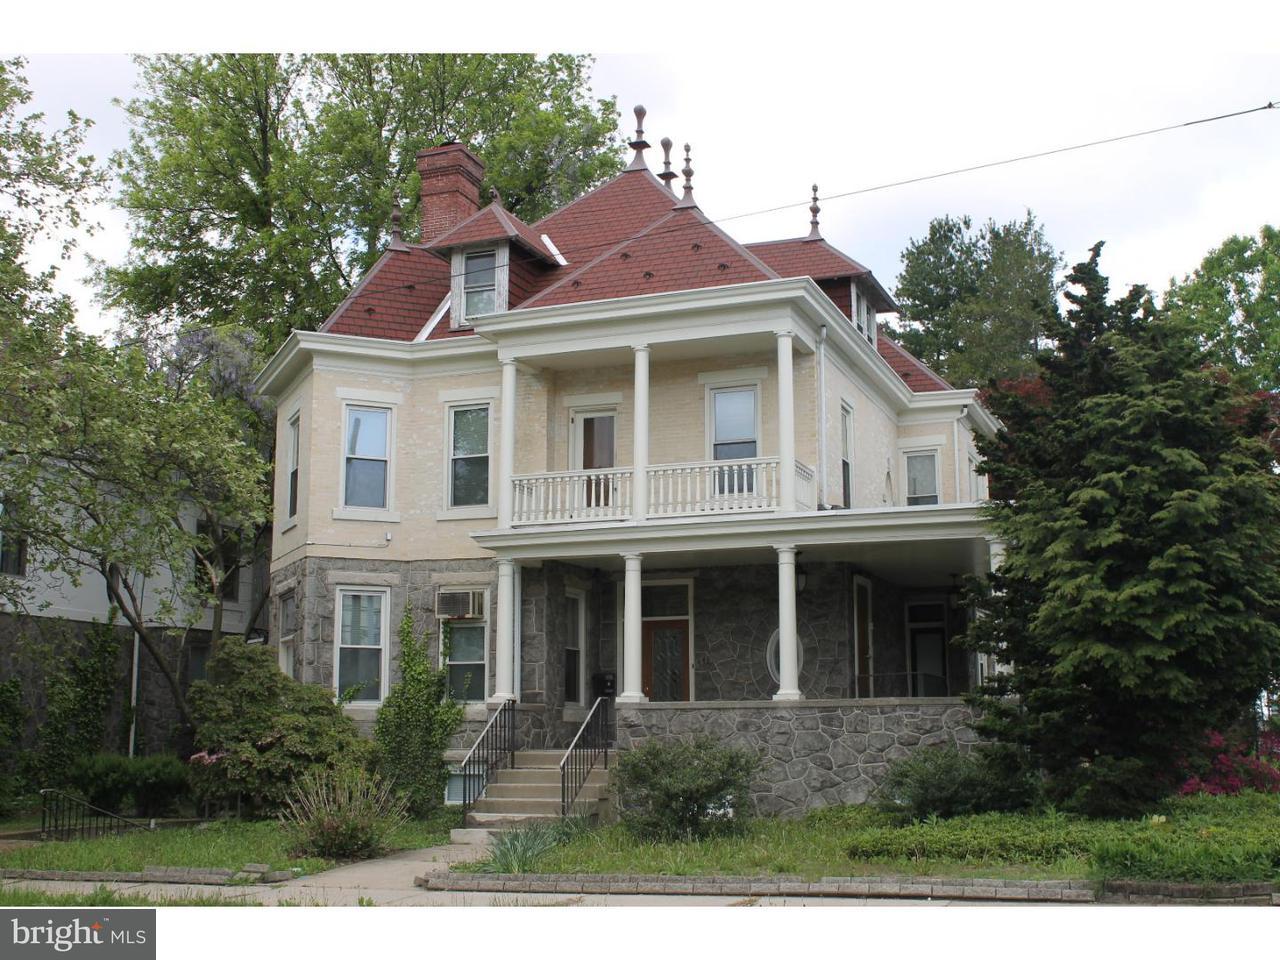 Maison unifamiliale pour l à louer à 44 N 15TH ST #2B Allentown, Pennsylvanie 18102 États-Unis